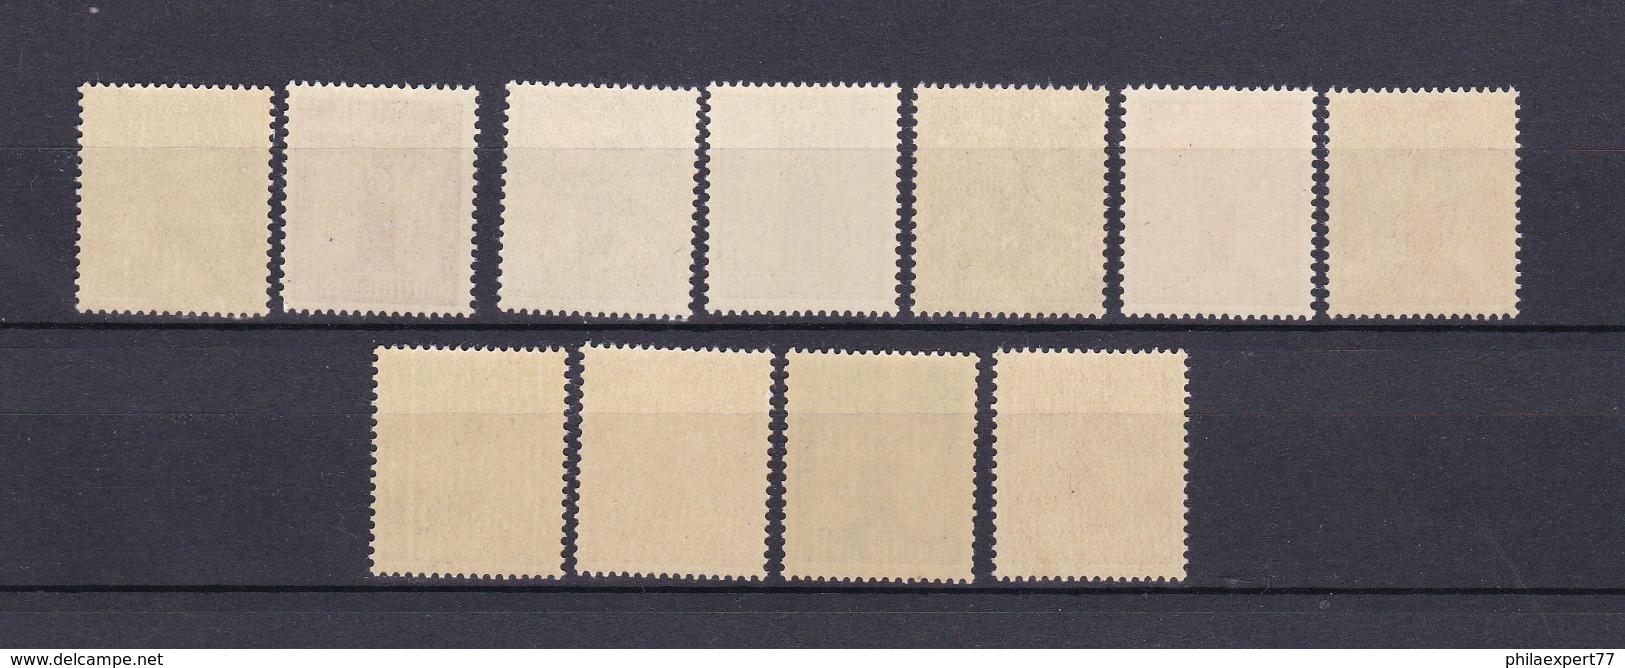 Deutsches Reich - 1942/44 - Dienstmarken - Michel Nr. 155/165 - Postfrisch - 50 Euro - Germany